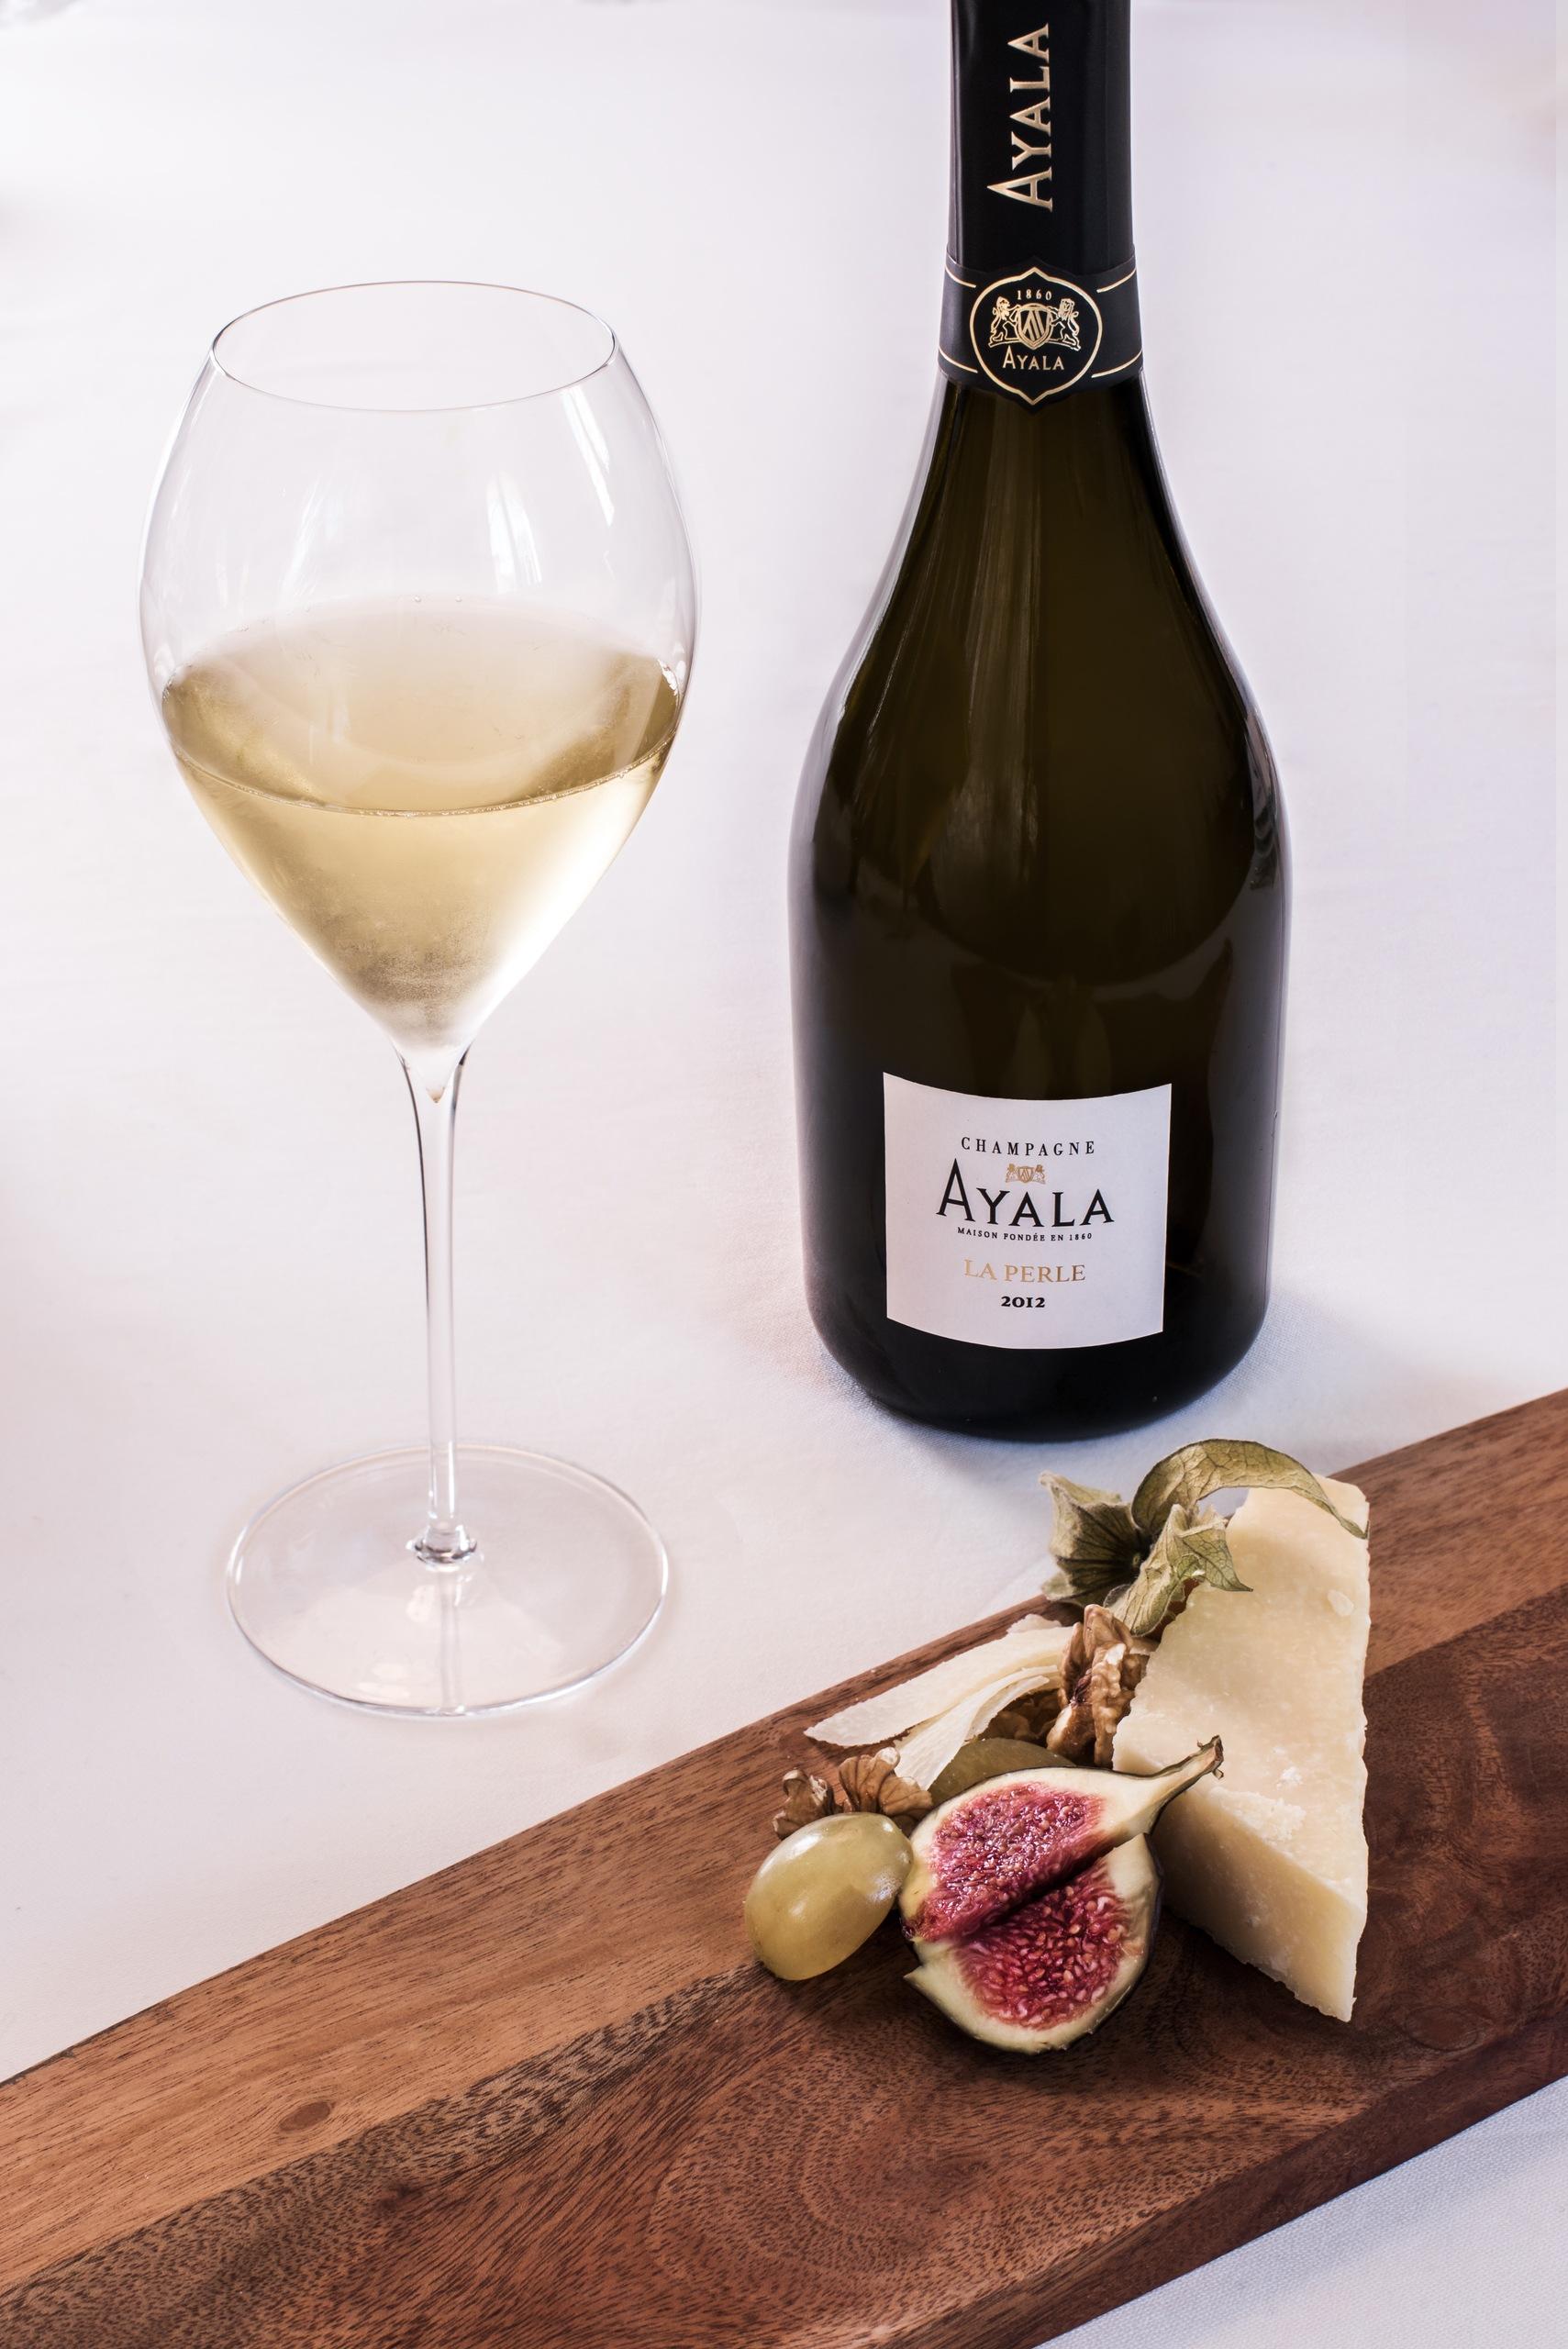 La Perle - Champagne Ayala